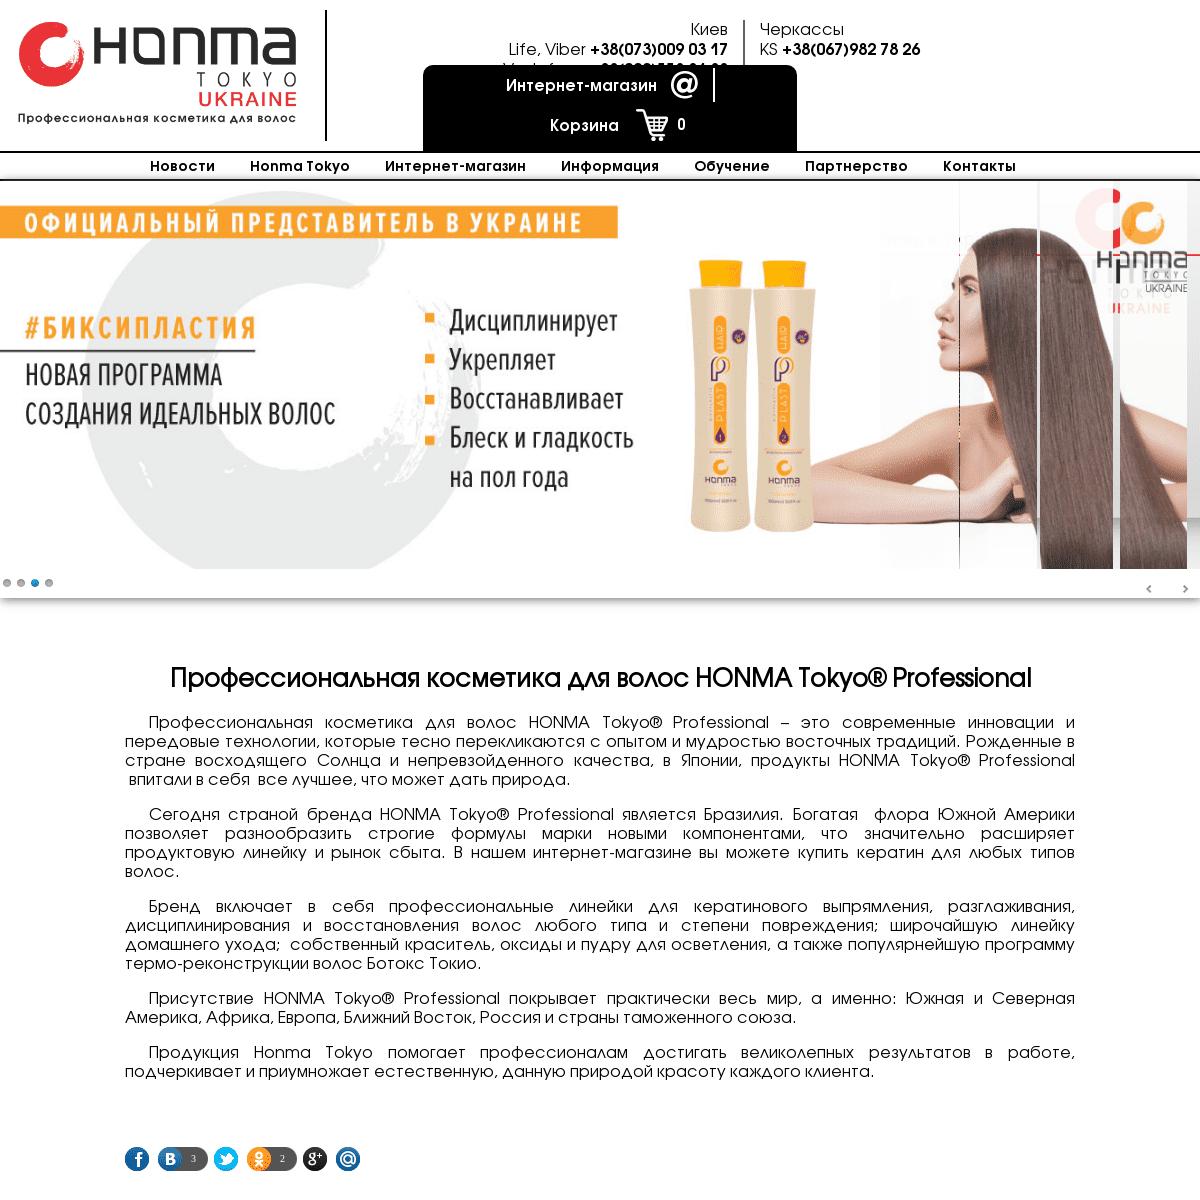 Профессиональная кератиновая косметика для волос на основе кератина